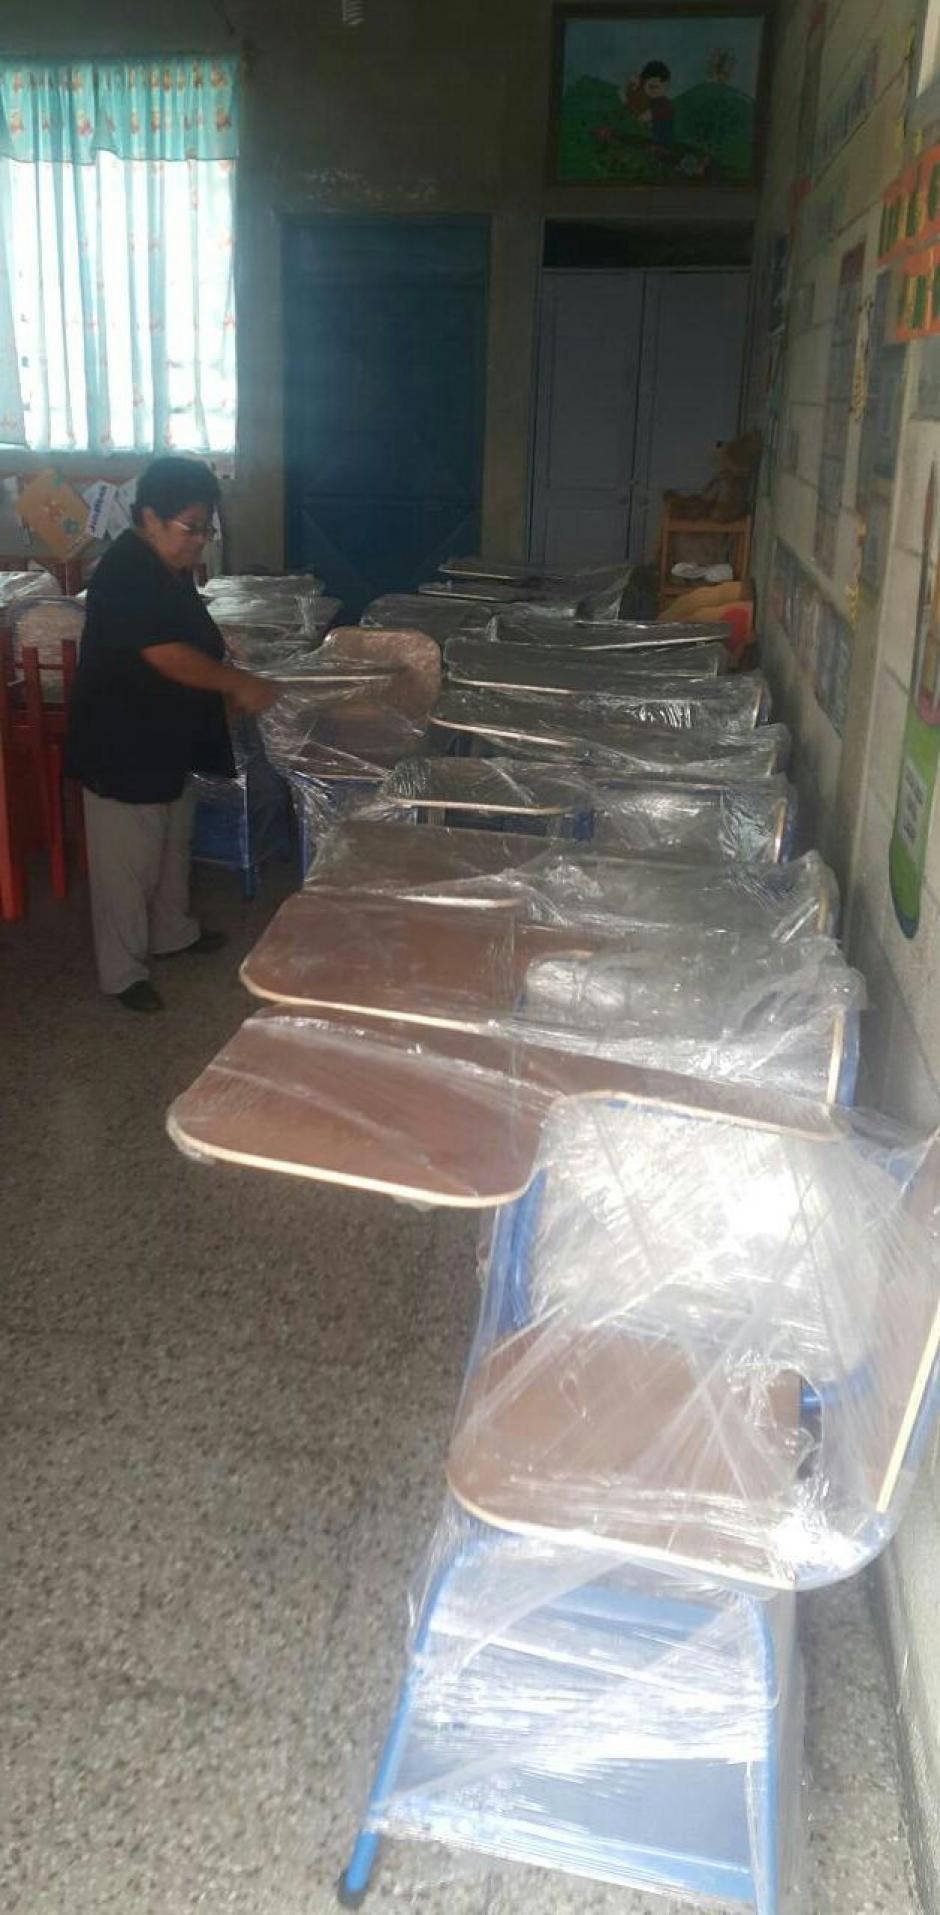 Los pupitres fueron acomodados en uno de los salones de clases. (Foto: Sistema Penitenciario)